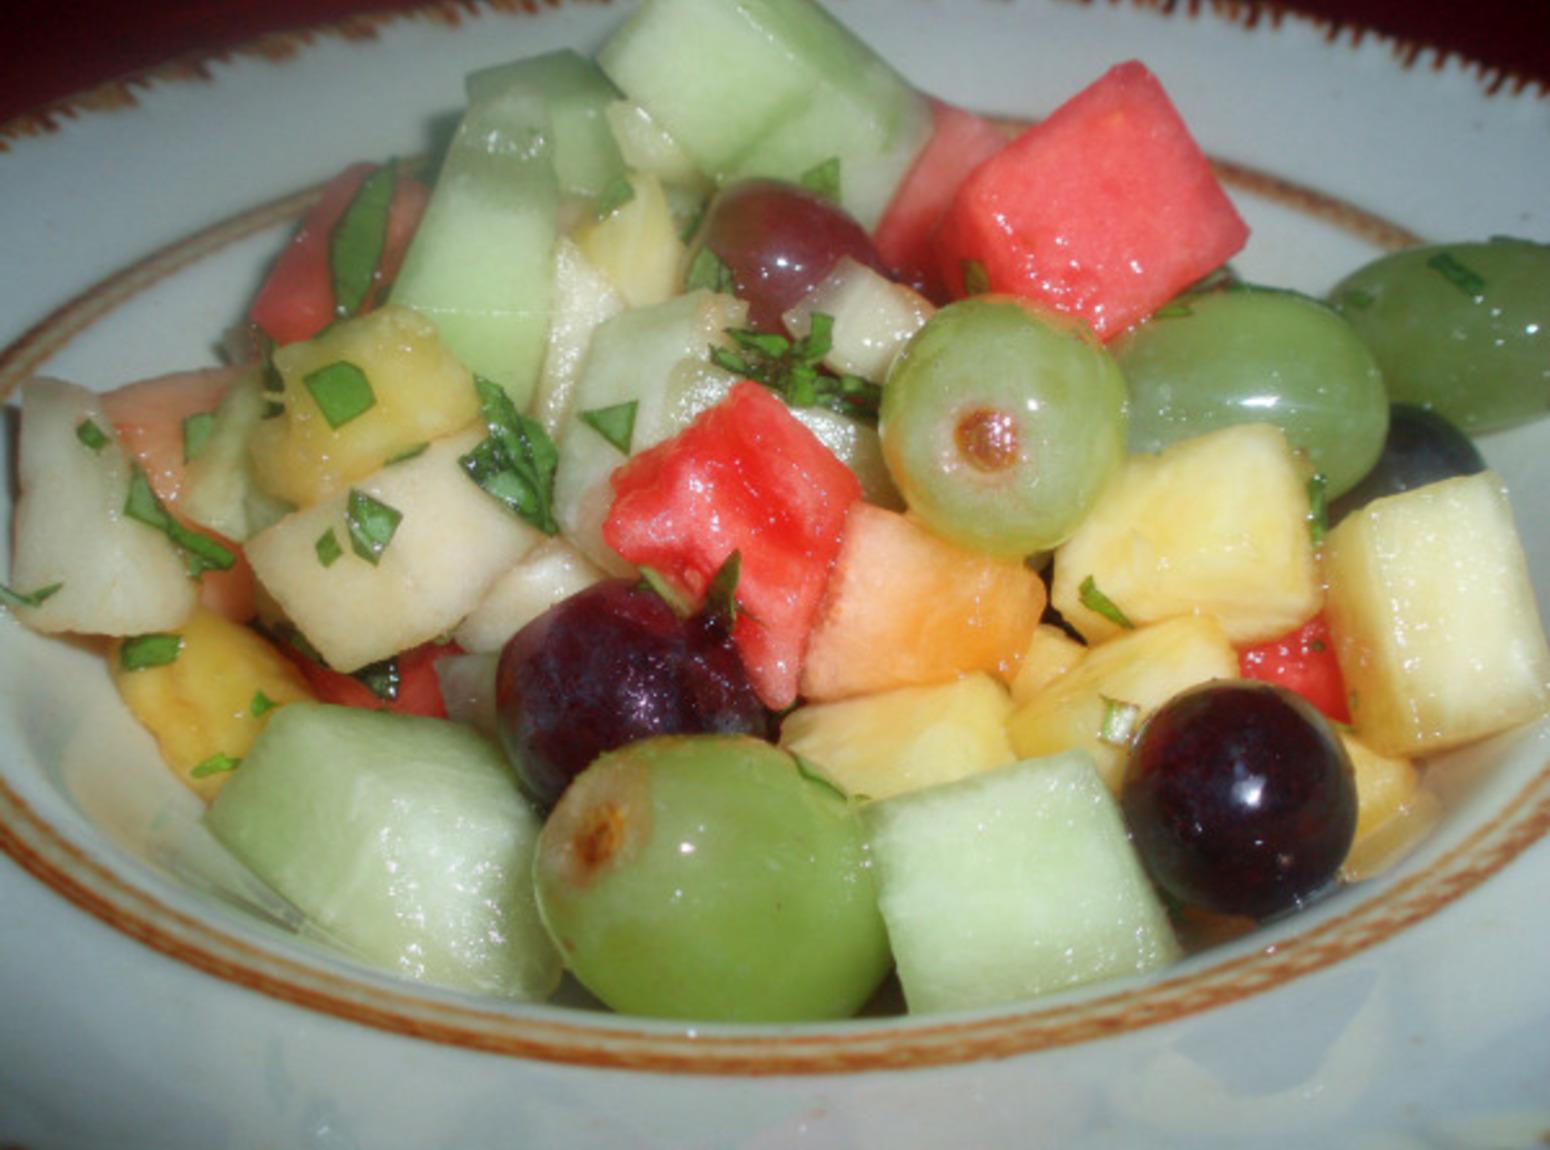 Robin Hearon's Fresh Fruit Salad